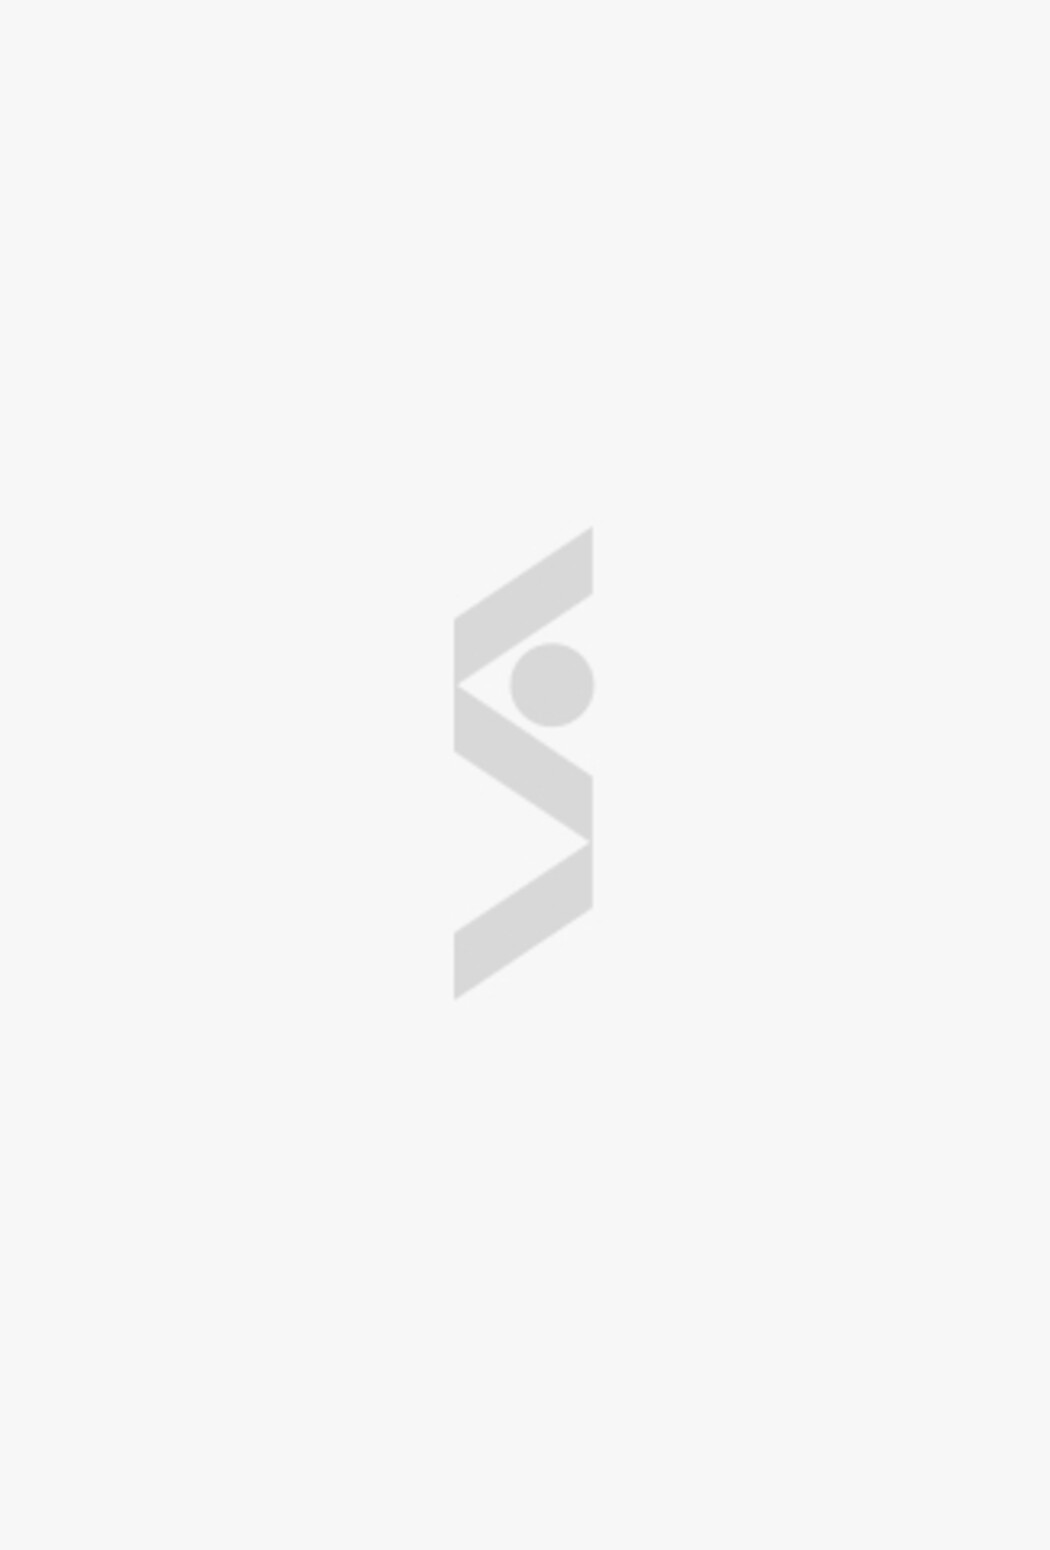 Кожаные сандалии VAGABOND - купить, цена 4190 ₽ в Москве в интернет-магазине СТОКМАНН BAFC85AF-910D-4DEB-A33F-6FEB126D97E3